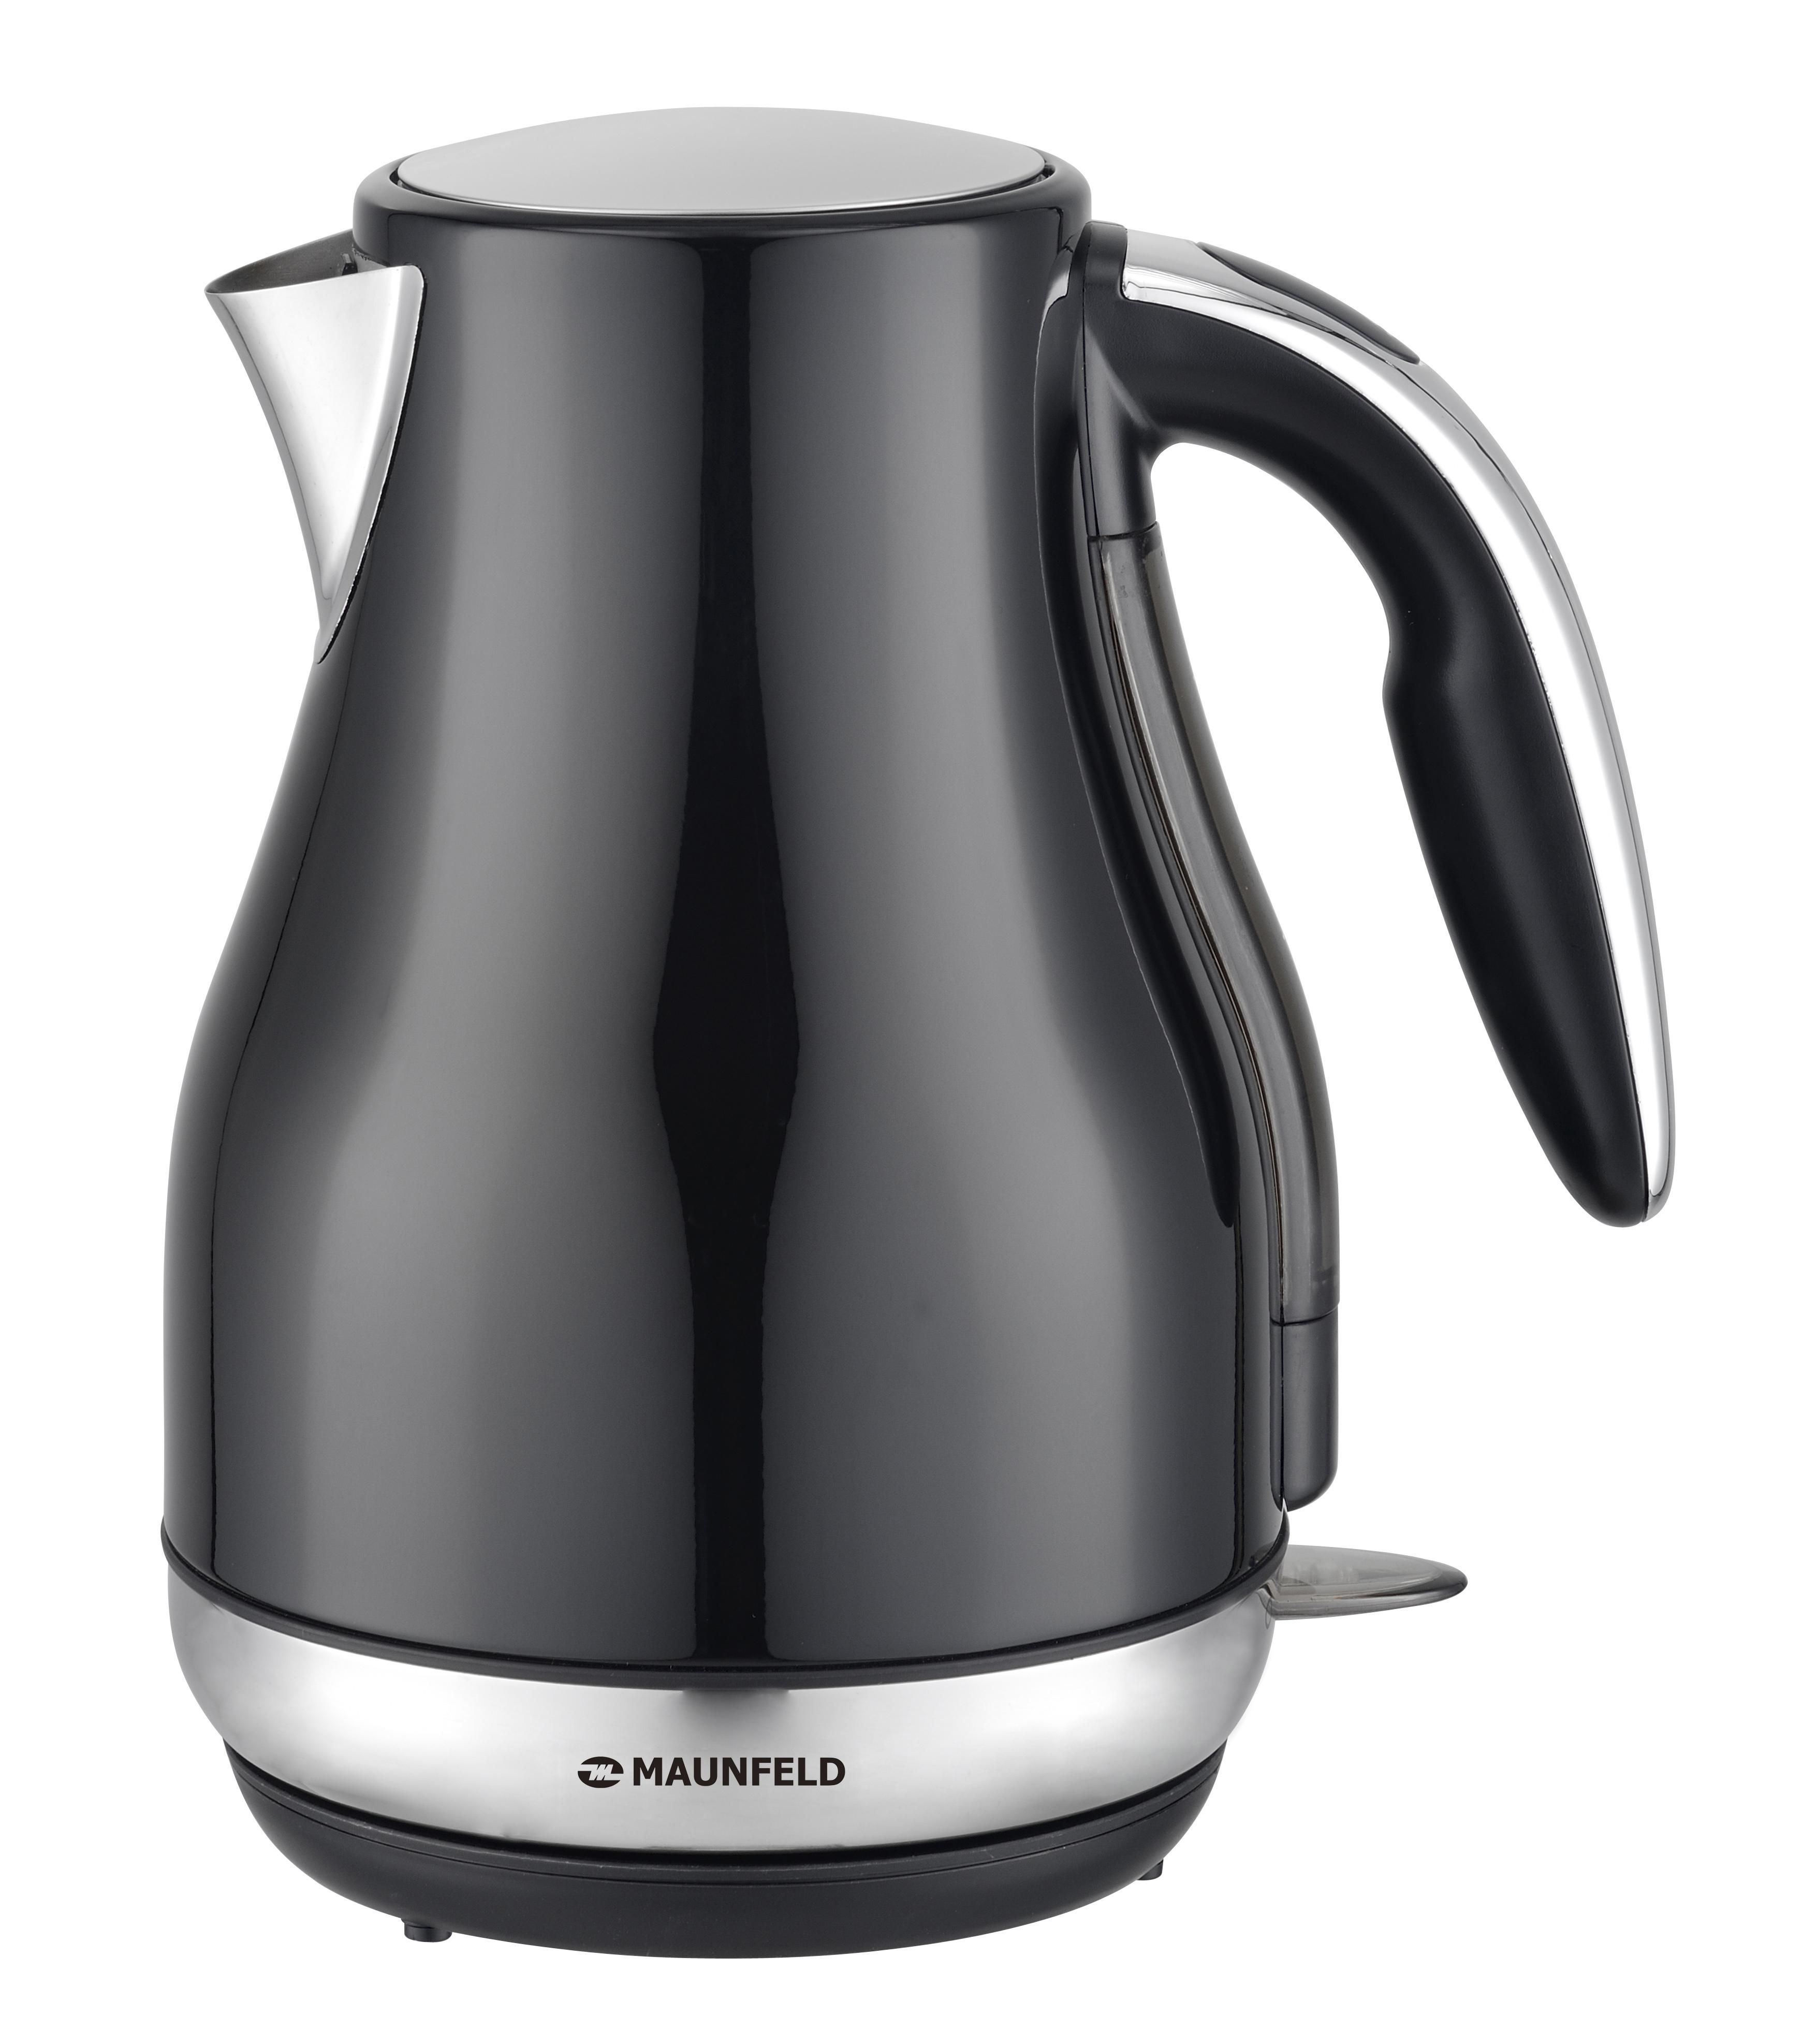 Чайник Maunfeld Mfk-794bk чайник электрический maunfeld mfk 743s